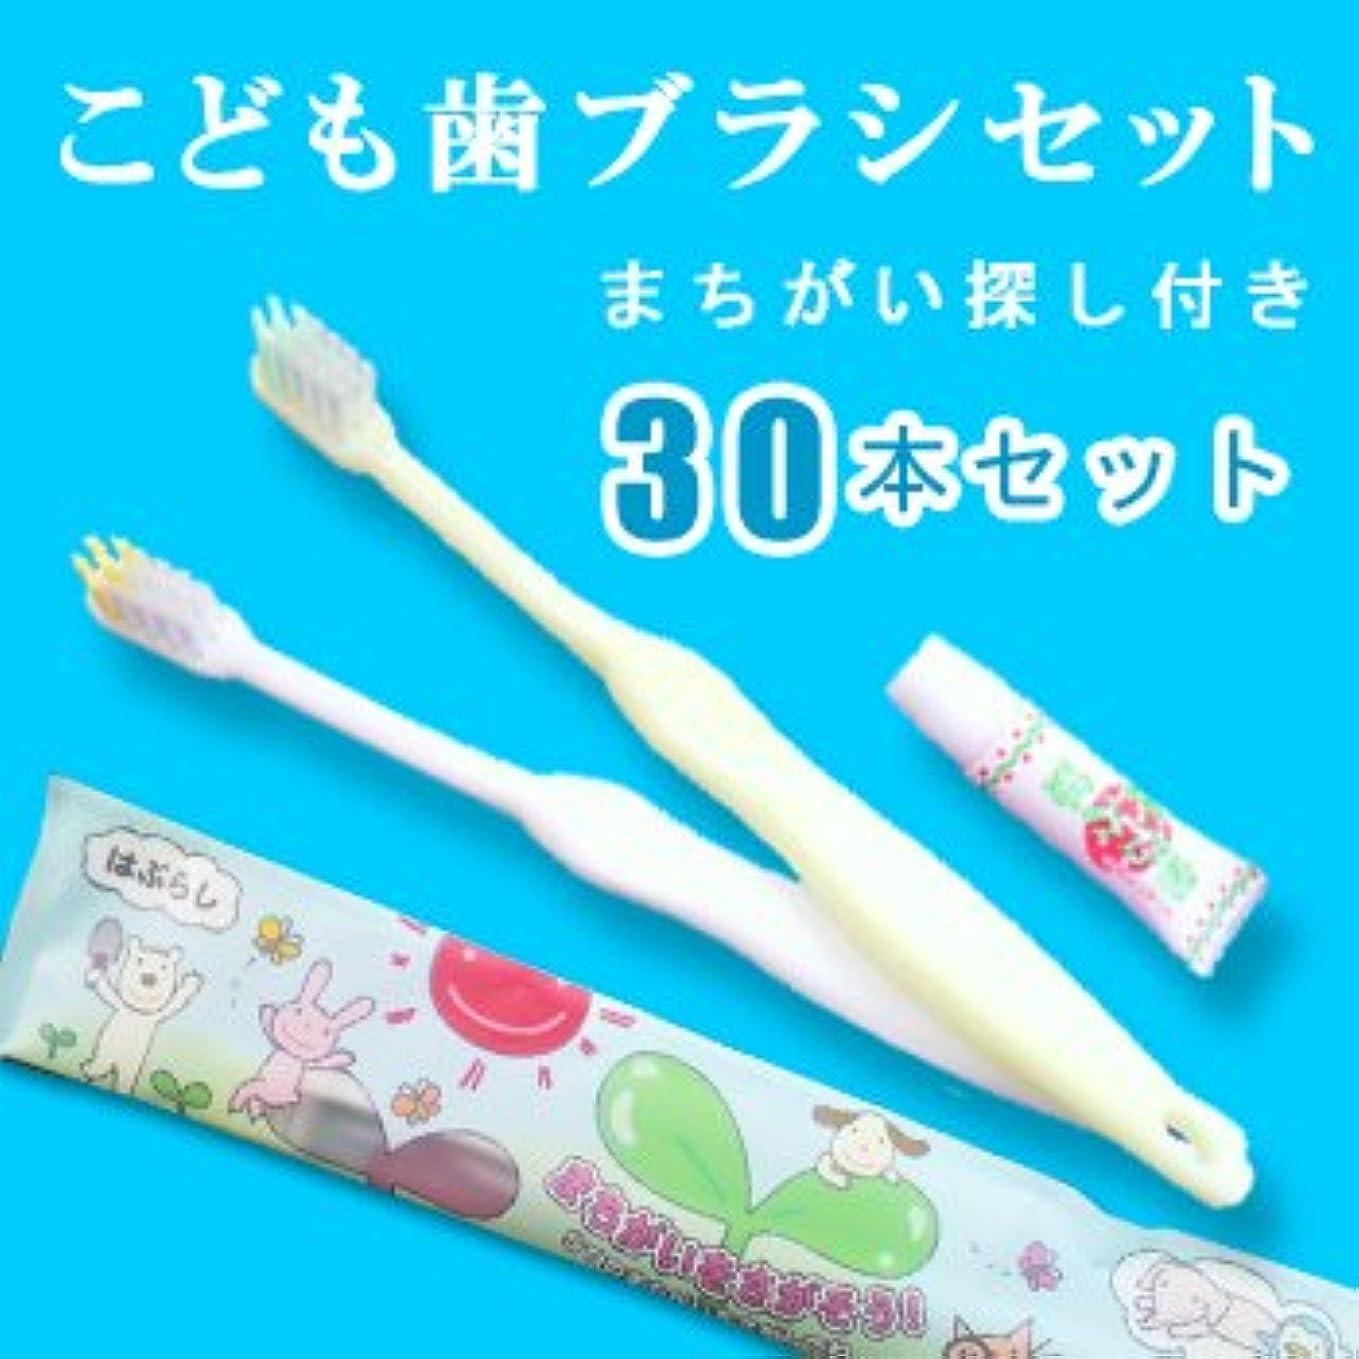 八百屋対立解釈するこども歯ブラシ いちご味の歯磨き粉3gチューブ付 ホワイト?イエロー各15本アソート(1セット30本)